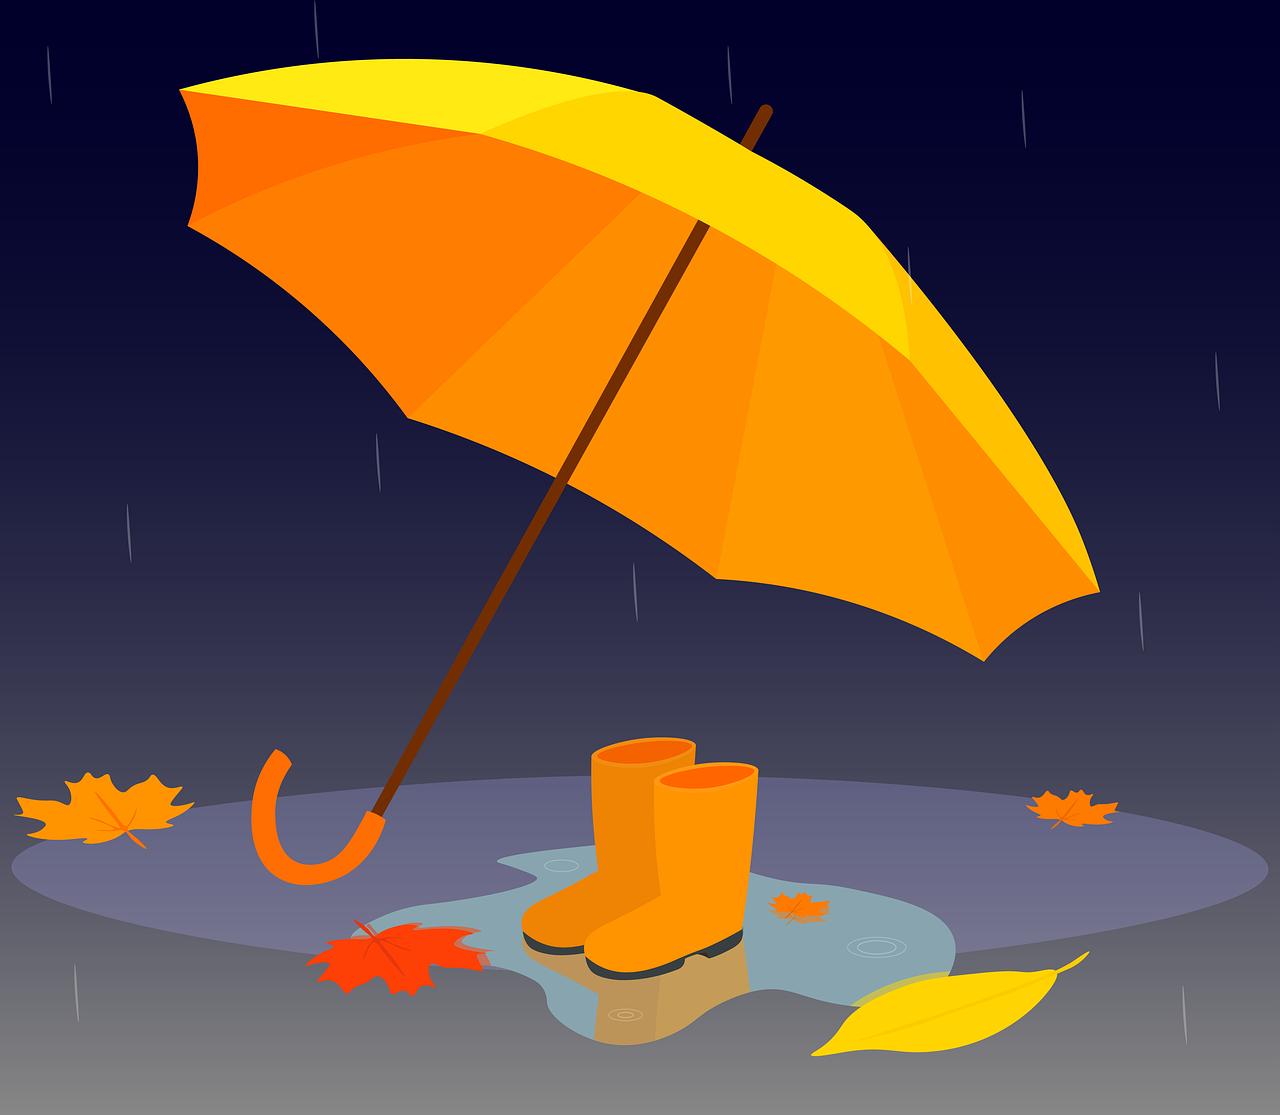 Погода в Саратовской области на сегодня - понедельник 4 октября 2021 года